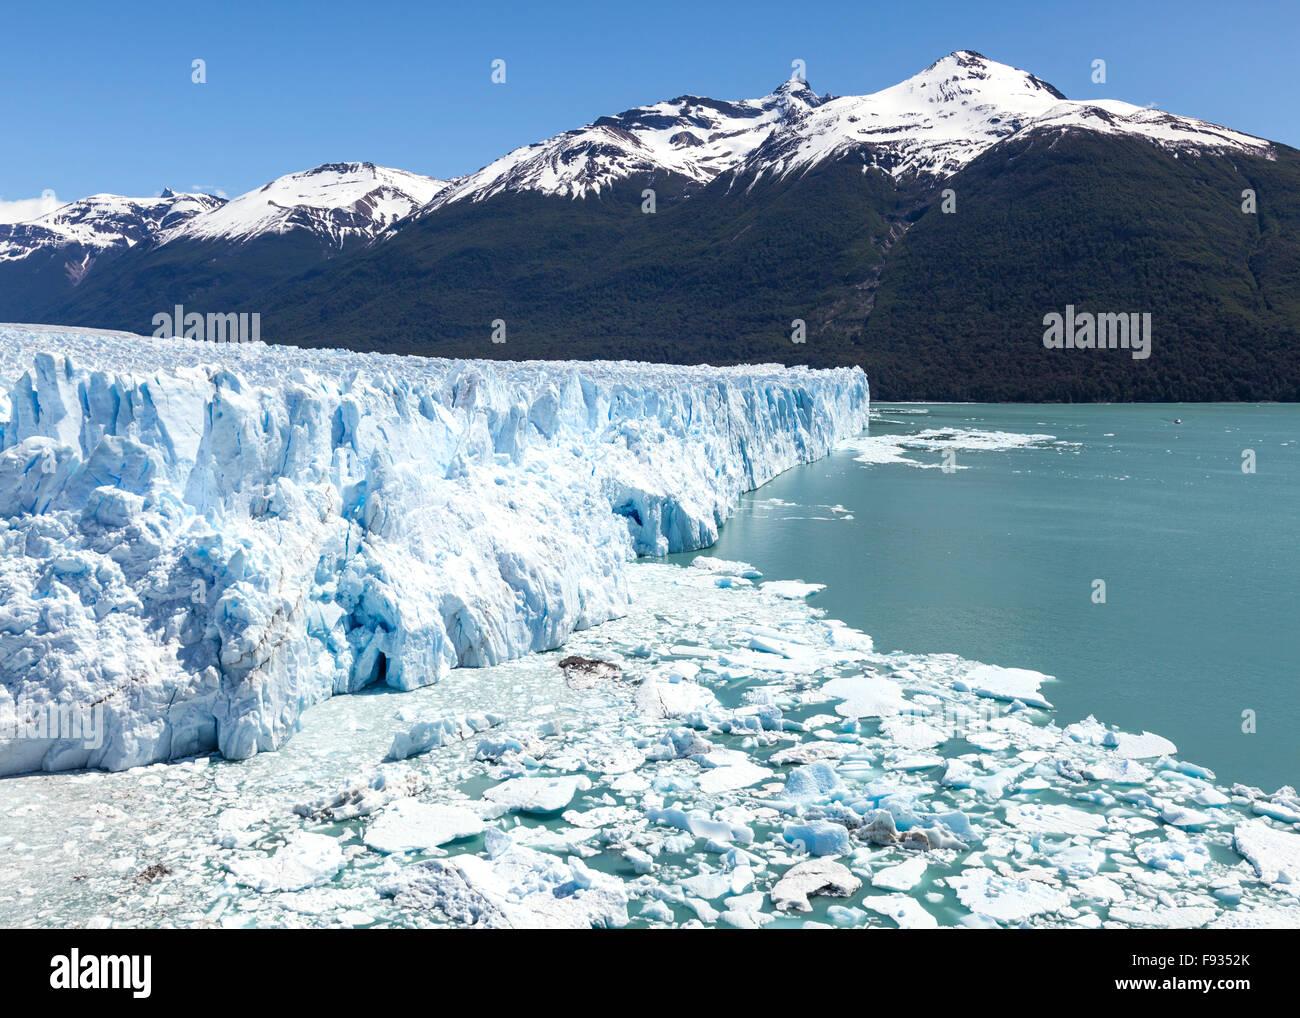 Perito Moreno Glacier, 5, Argentina - Stock Image